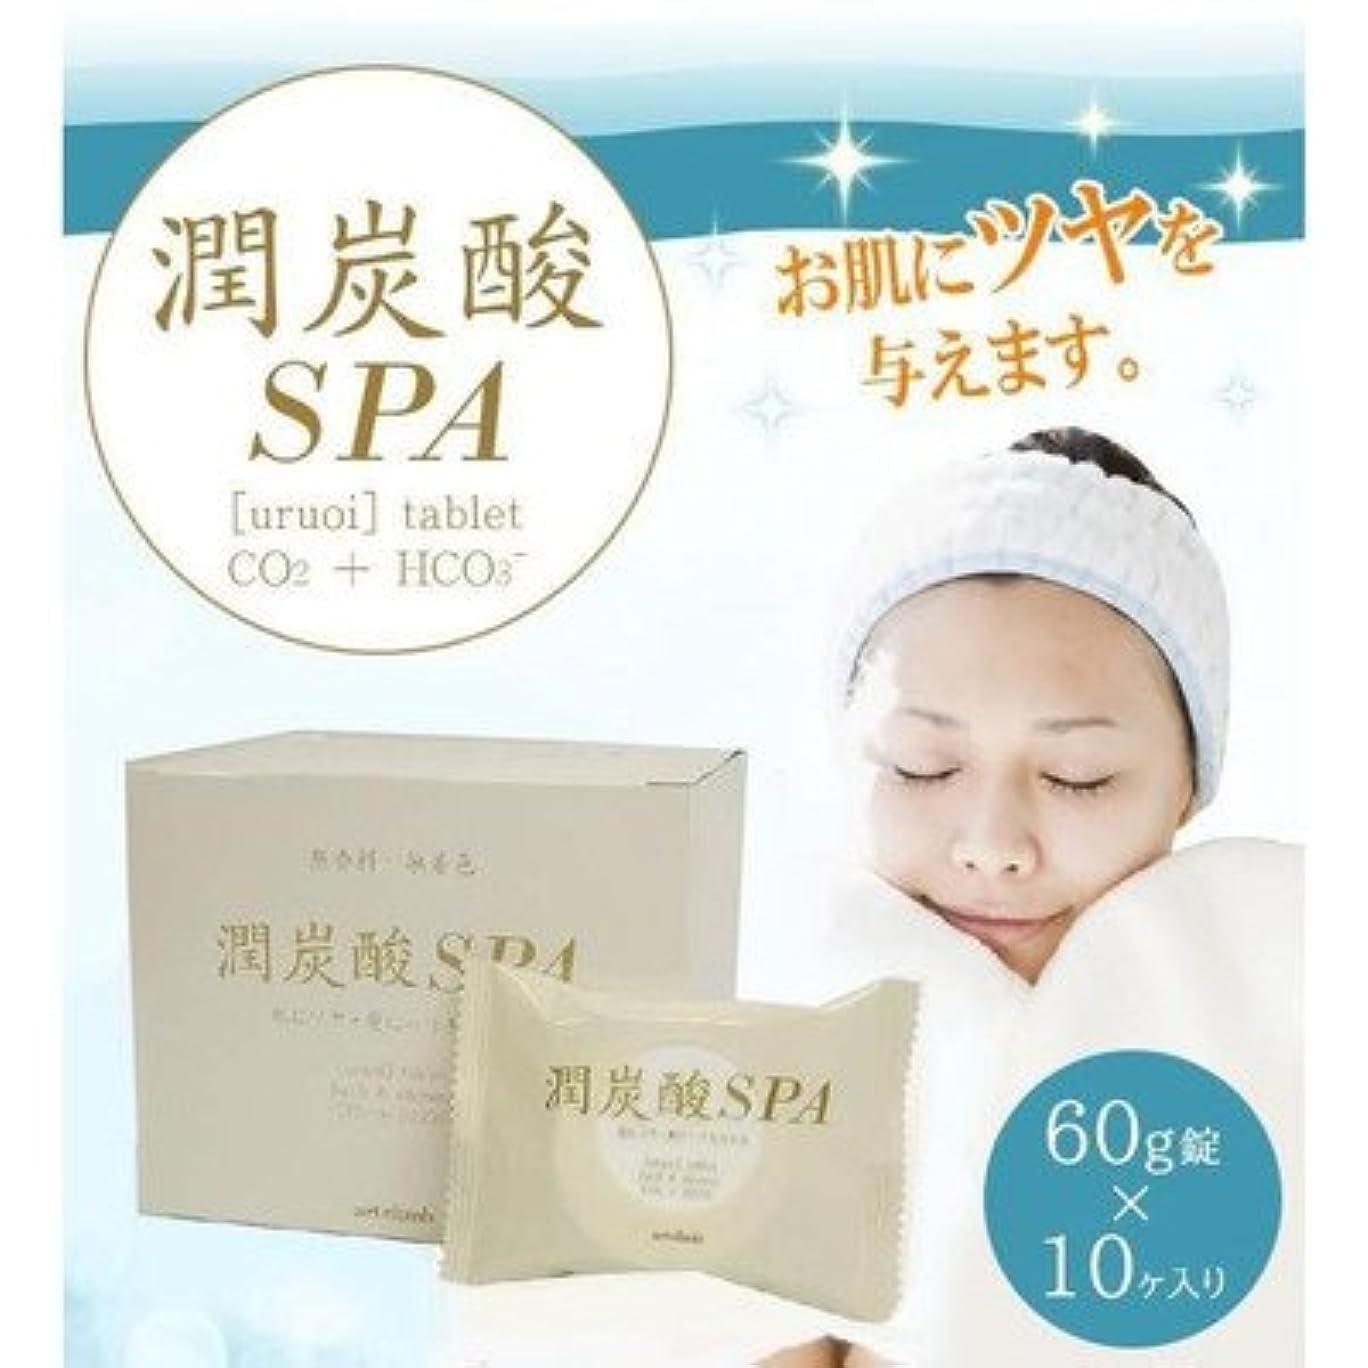 名誉あるフィットネスマーベルお風呂にポンッと入れるだけで話題の 炭酸風呂 に 潤炭酸SPA BS 60g錠×10ヶ入り 浴用化粧料